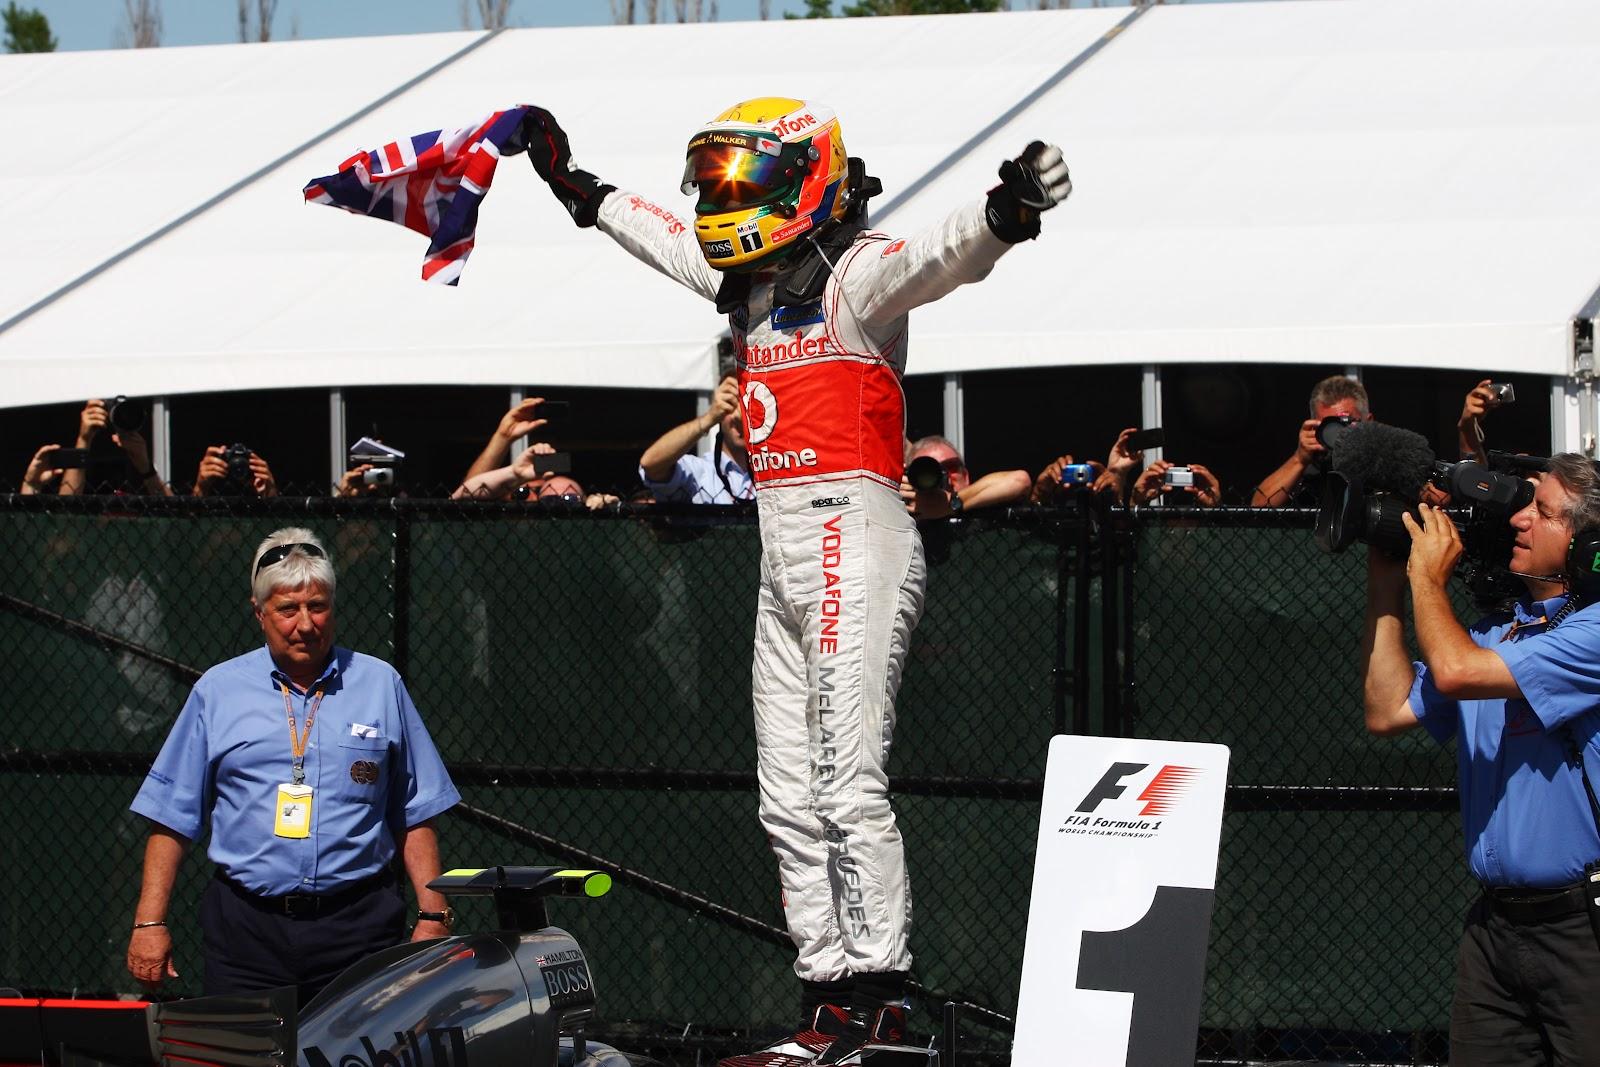 http://1.bp.blogspot.com/-4TN0KjC123o/T9aQE4VfBHI/AAAAAAAAbYk/f021kXghhXU/s1600/21Race+winner+Lewis+Hamilton+(GBR)+McLaren+MP4-27+celebrates+in+parc+ferme..jpg